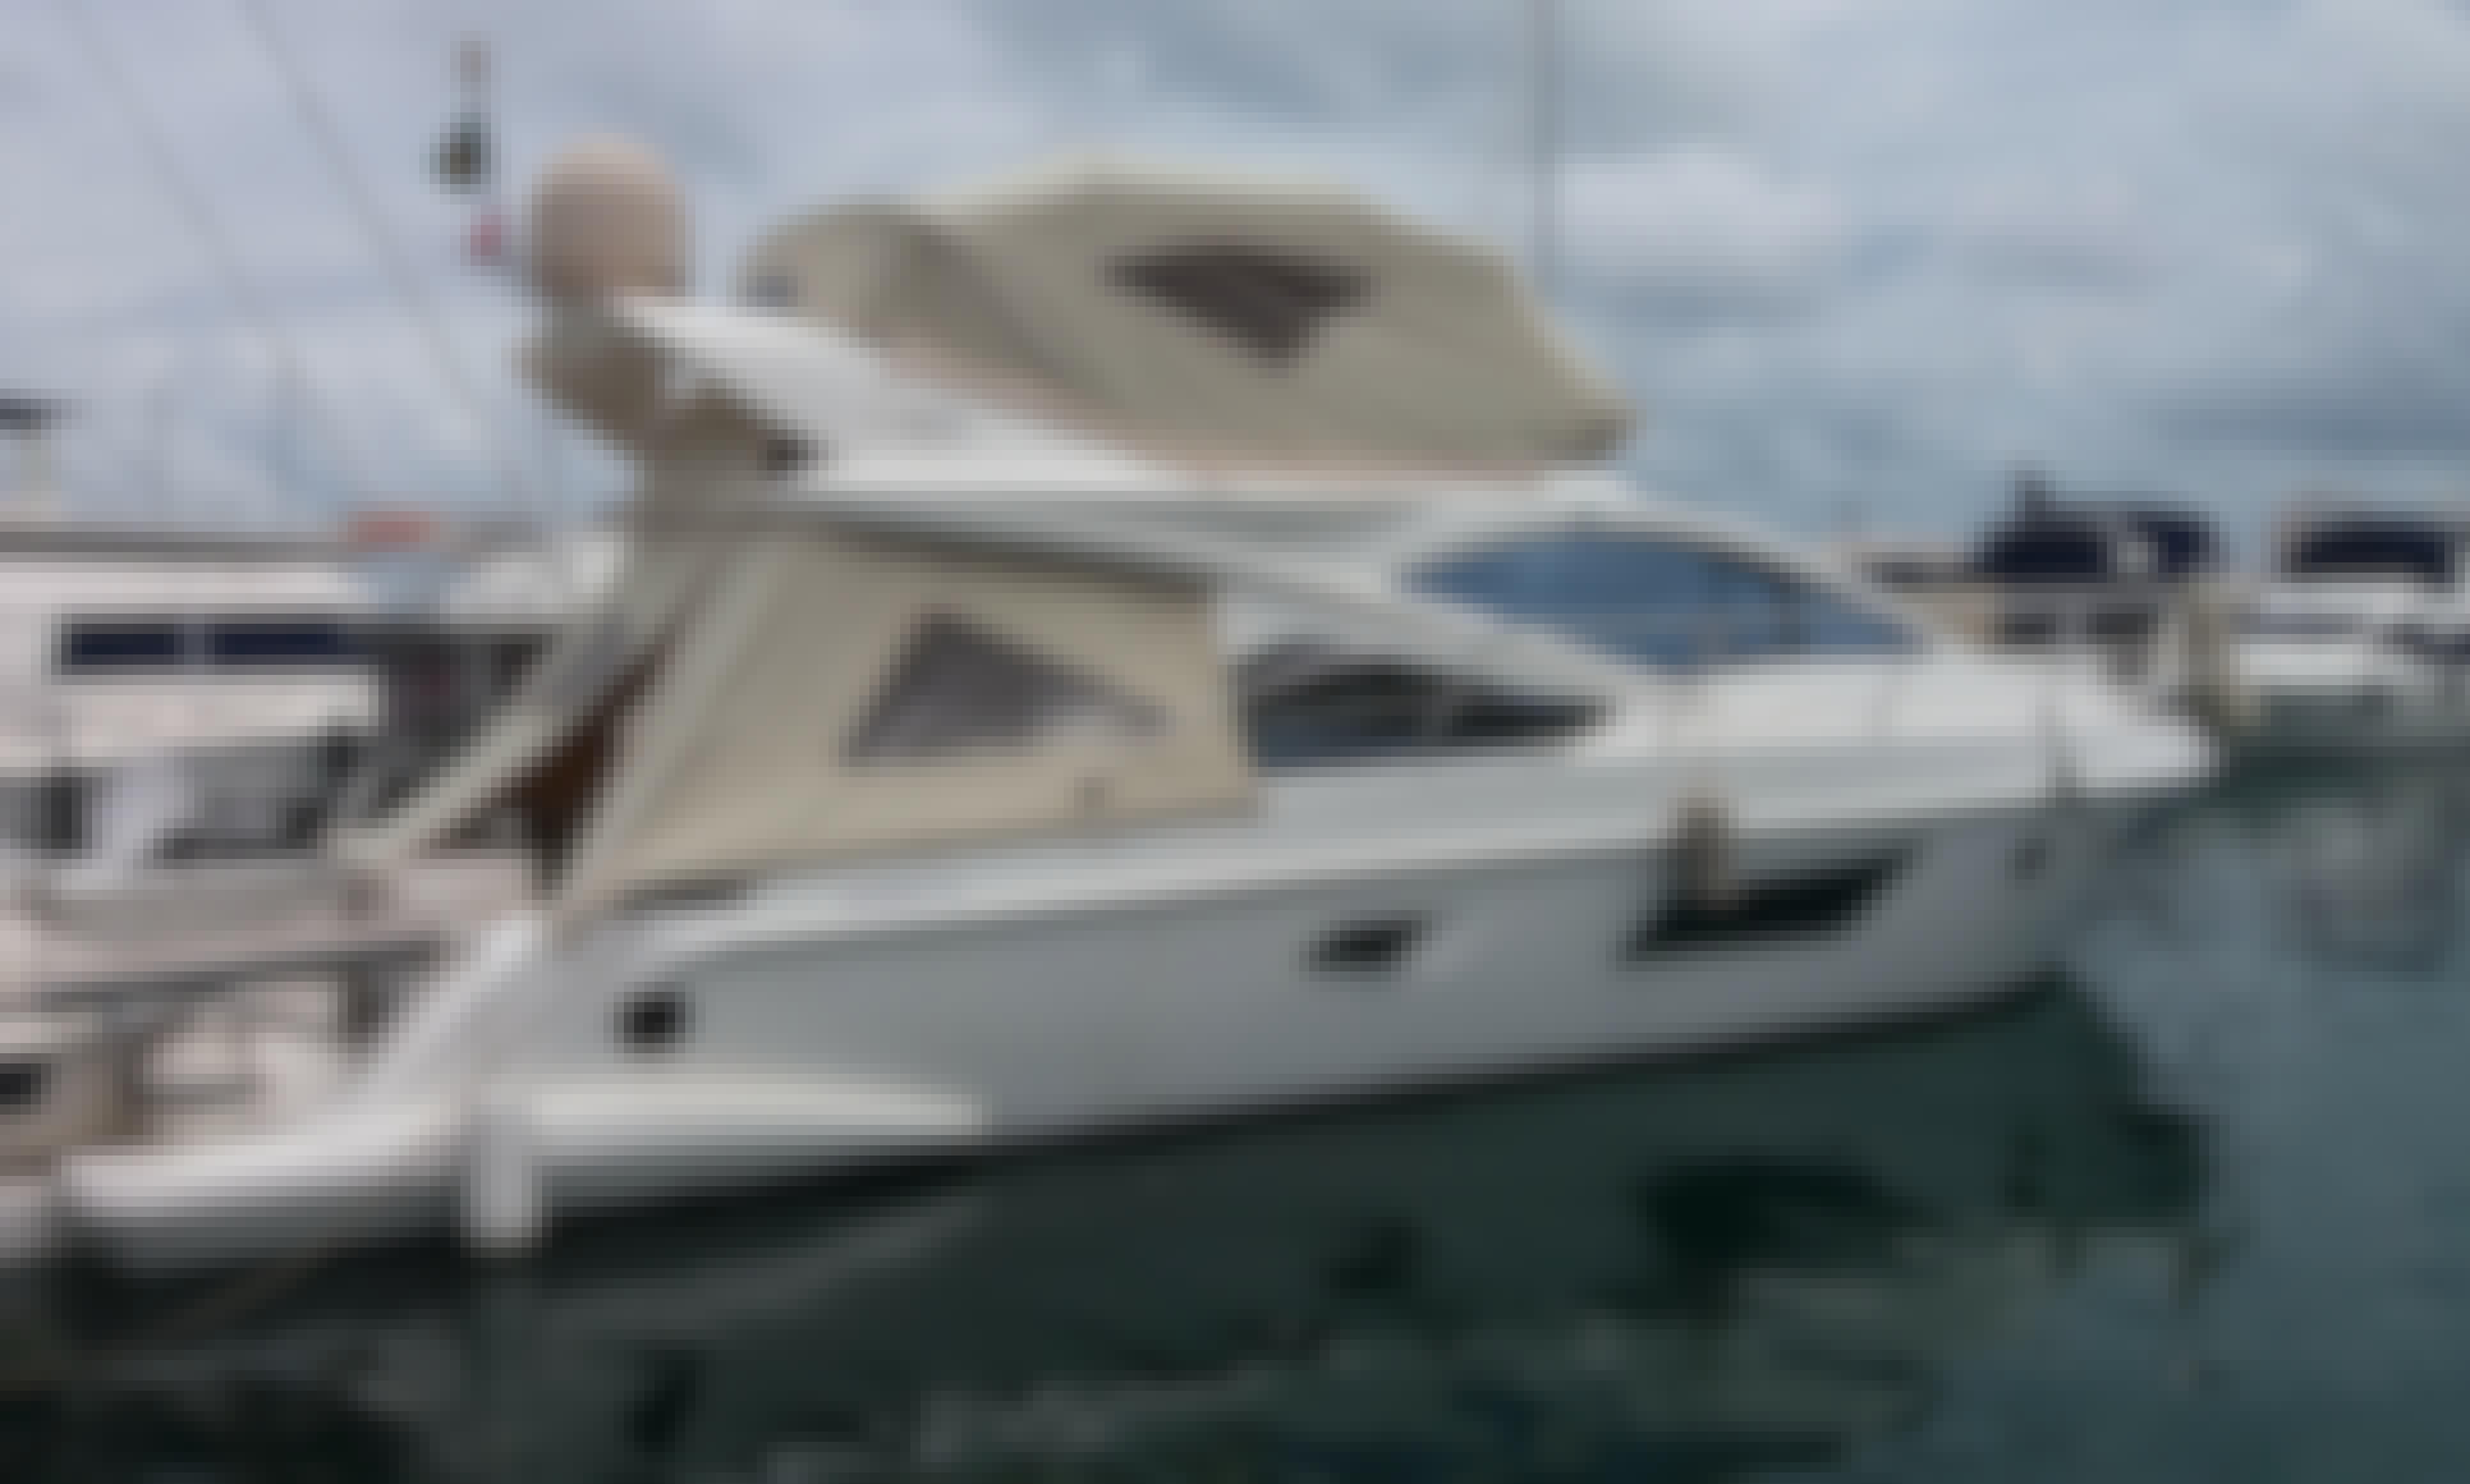 42 ft Phantom Luxury Motor Yacht in Bahia, Brazil